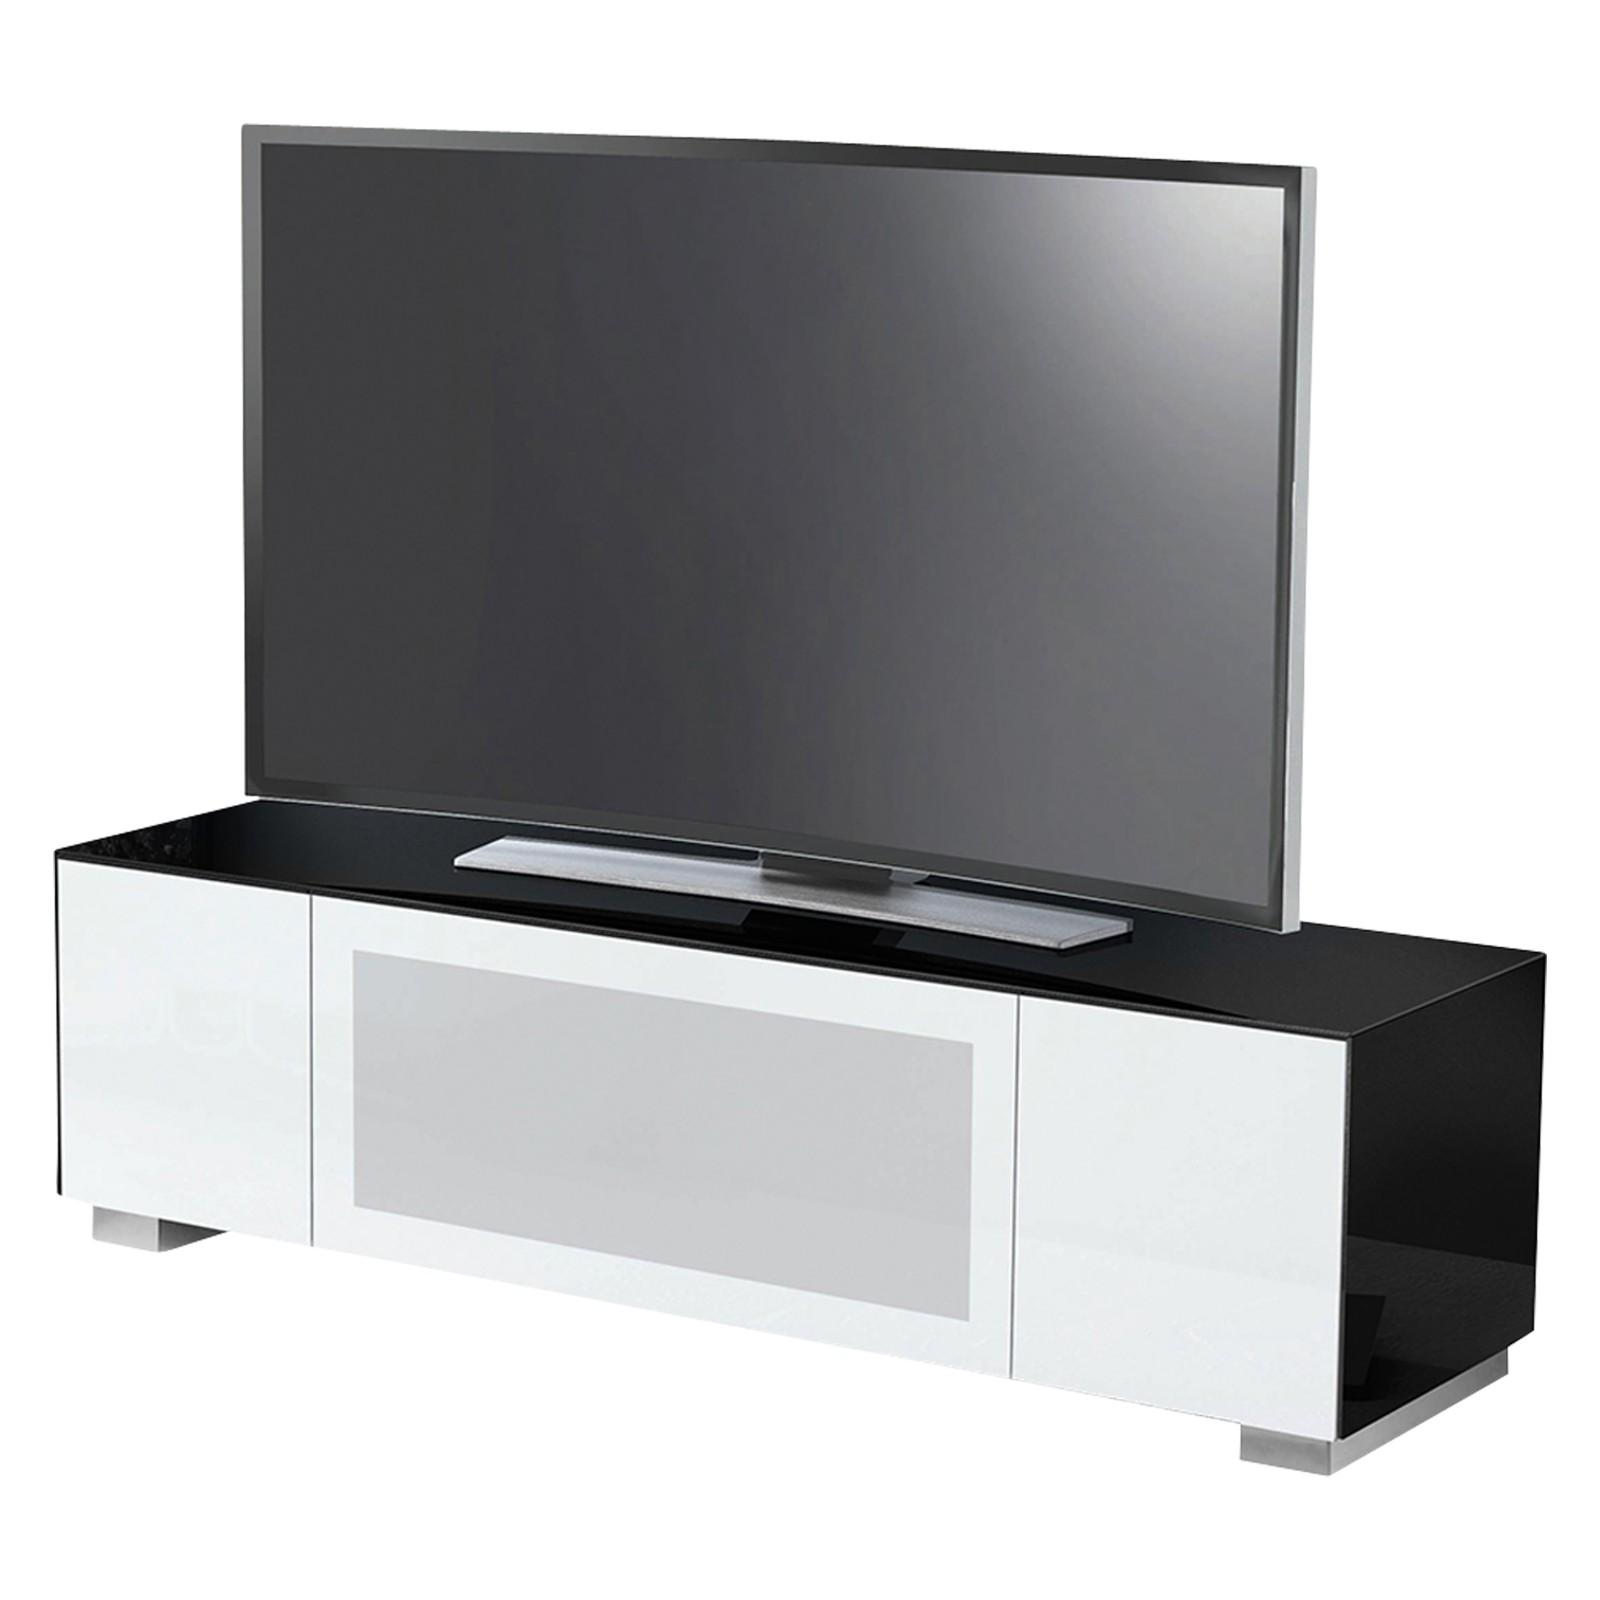 """Munari Magic 175 TV Stand For TV's up to 70"""" Black/White"""